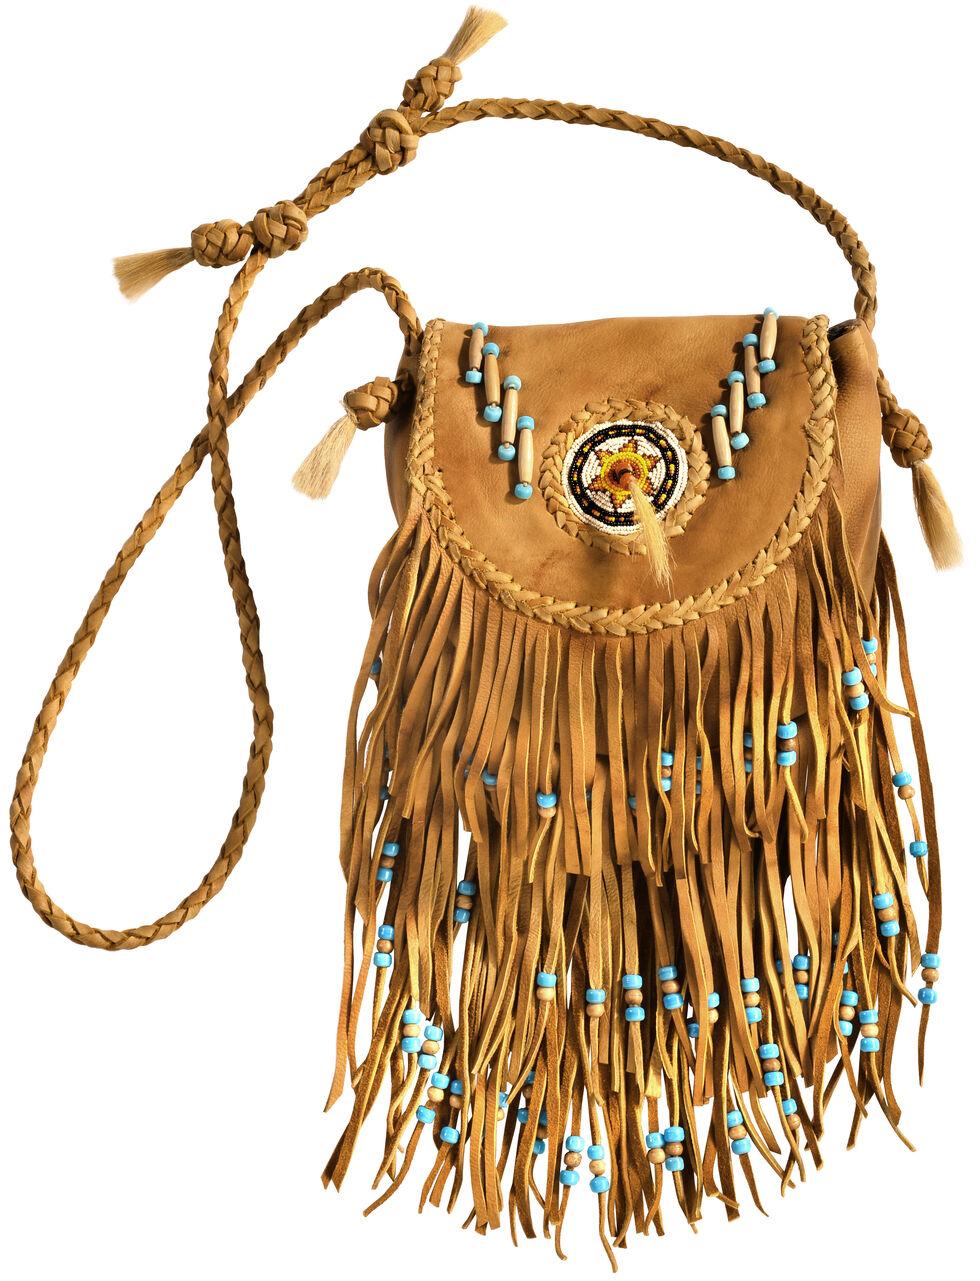 Kobler Leather Khaki Rossette Fringe Crossbody Bag, Khaki, hi-res